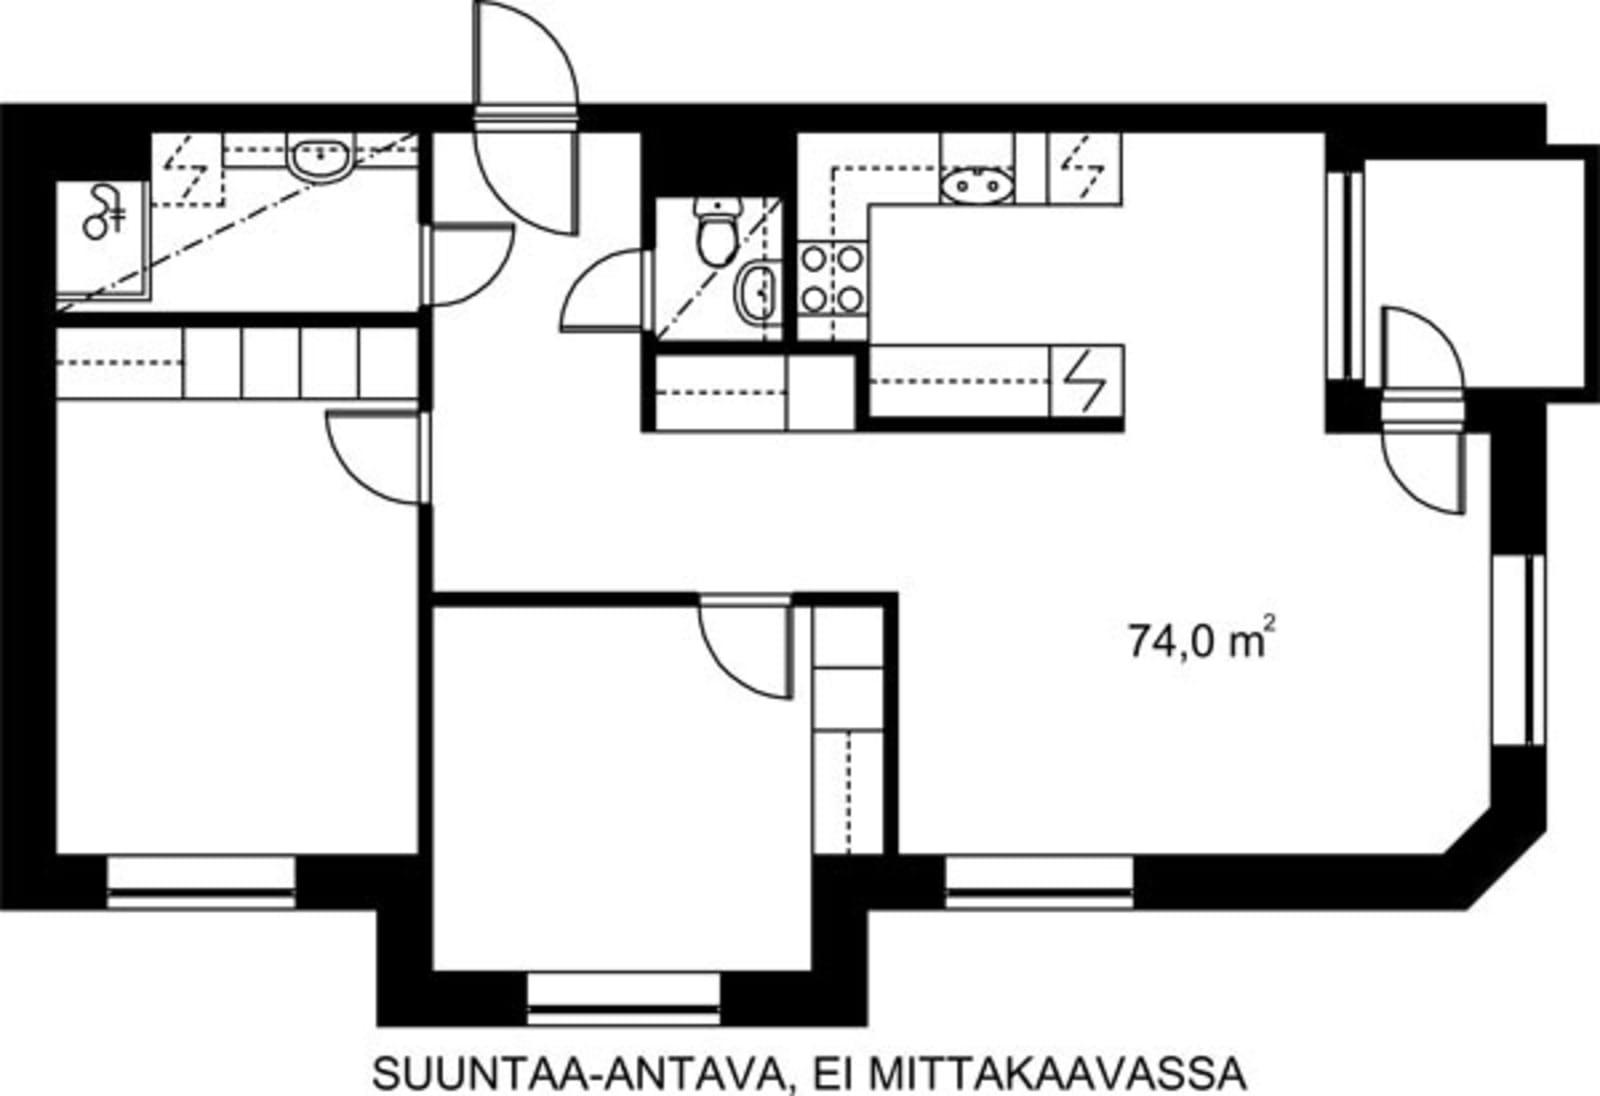 Helsinki, Kruununhaka, Snellmaninkatu 23 A 006